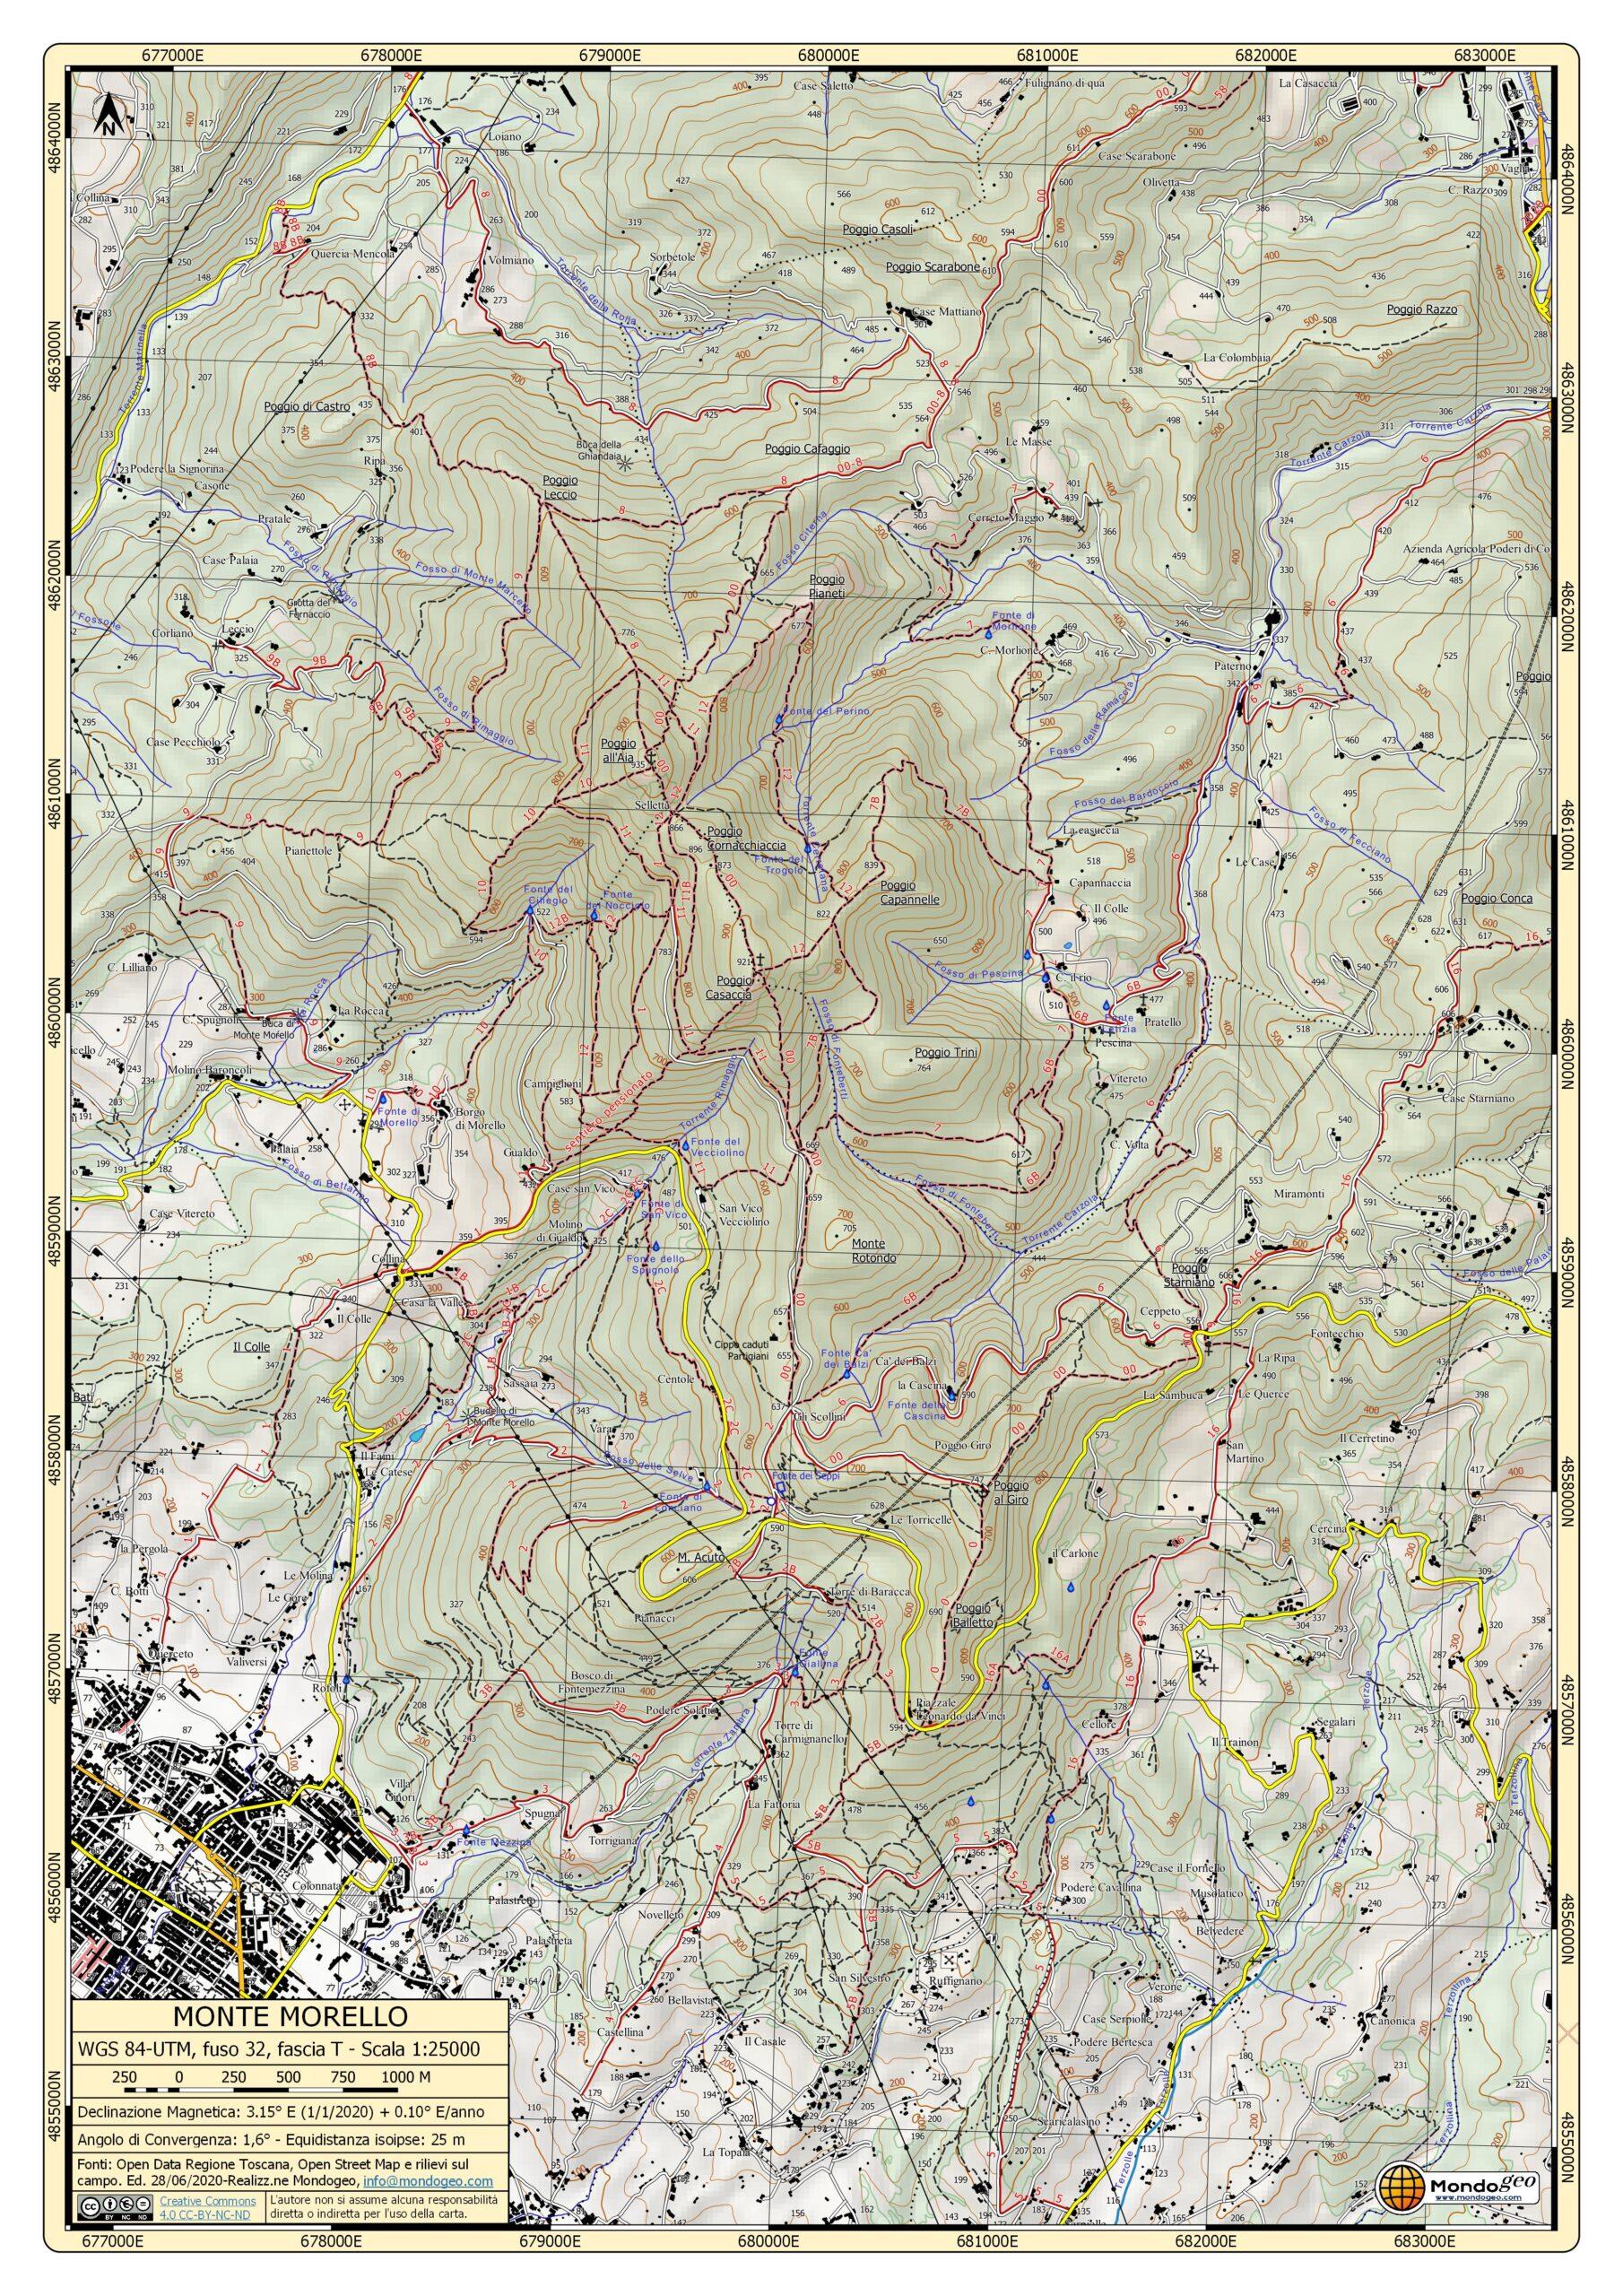 Carta dei sentieri di monte Morello in formato A3